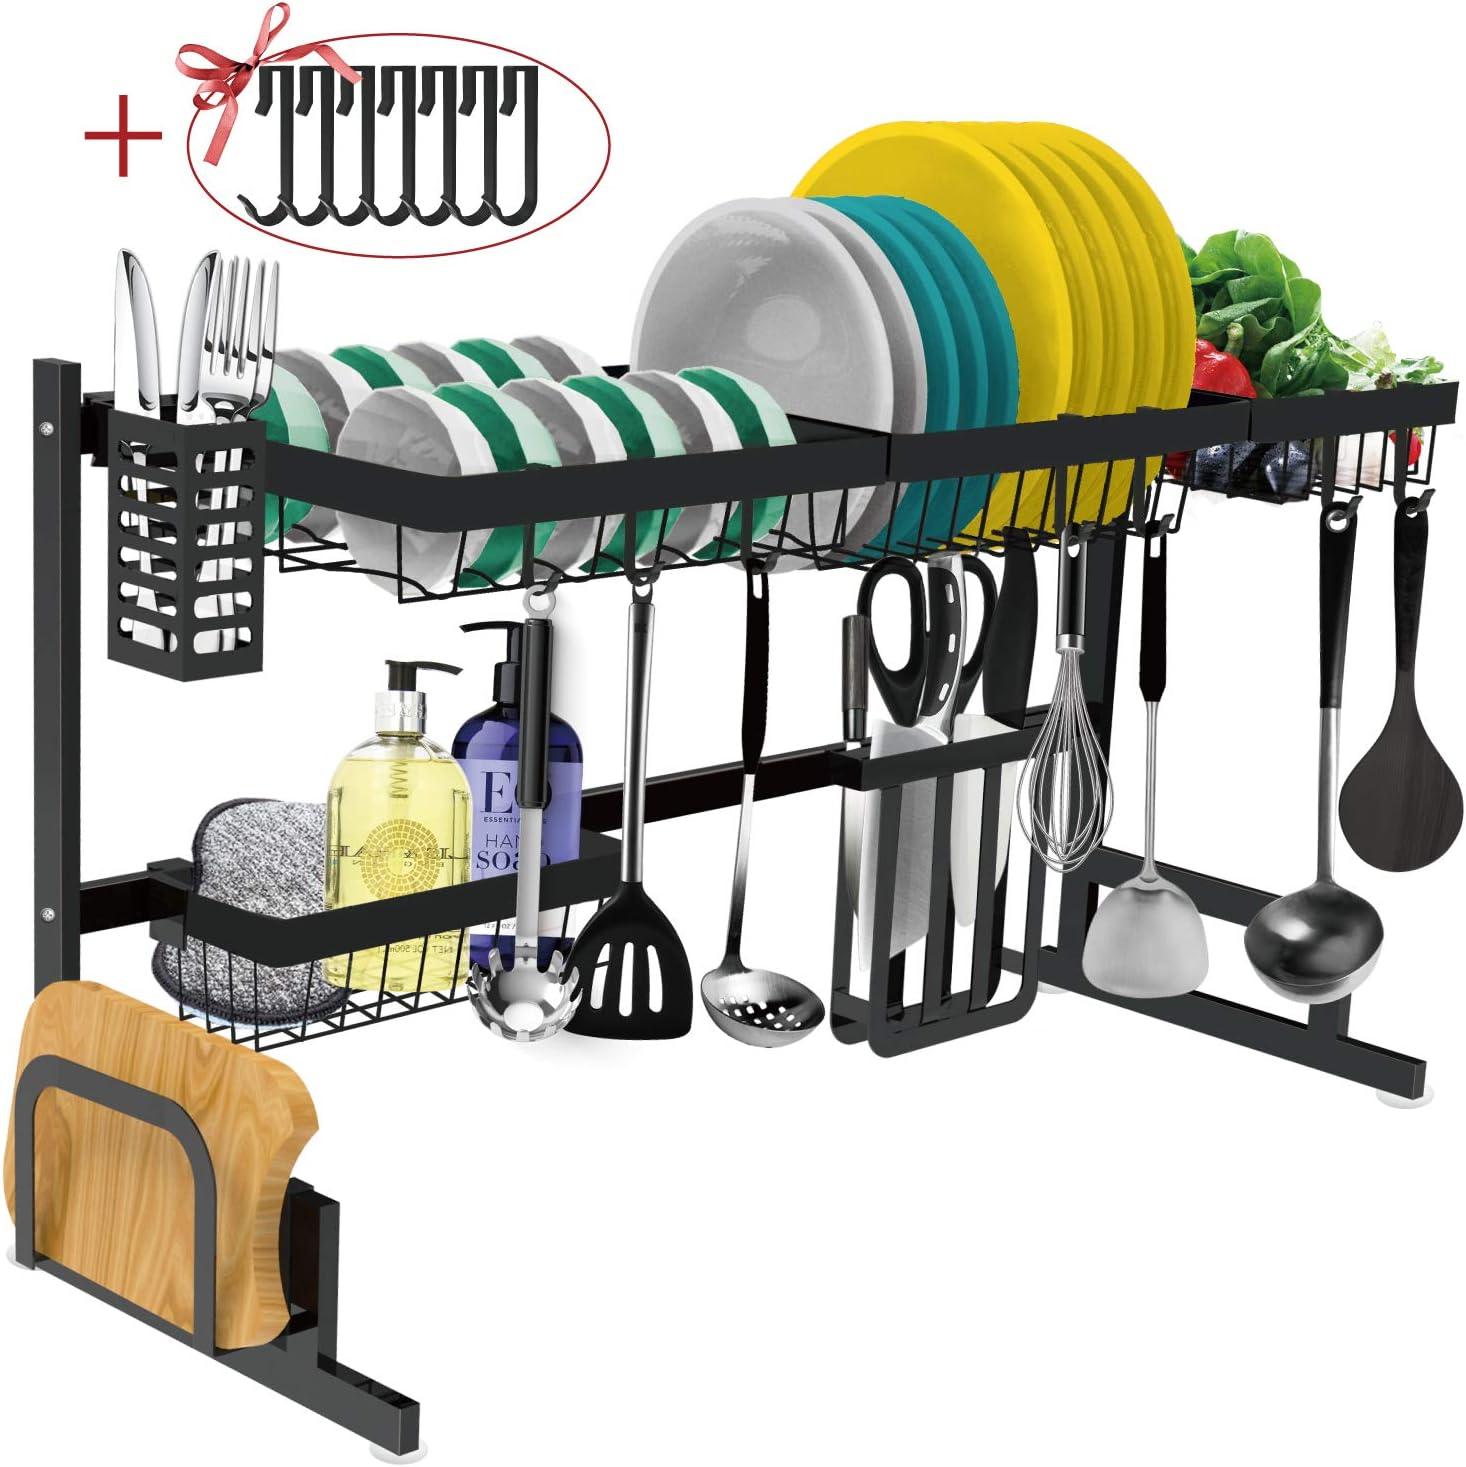 Estante para secar platos sobre el fregadero – Escurridor de platos grande ajustable para organizador de cocina de almacenamiento ahorro de espacio…